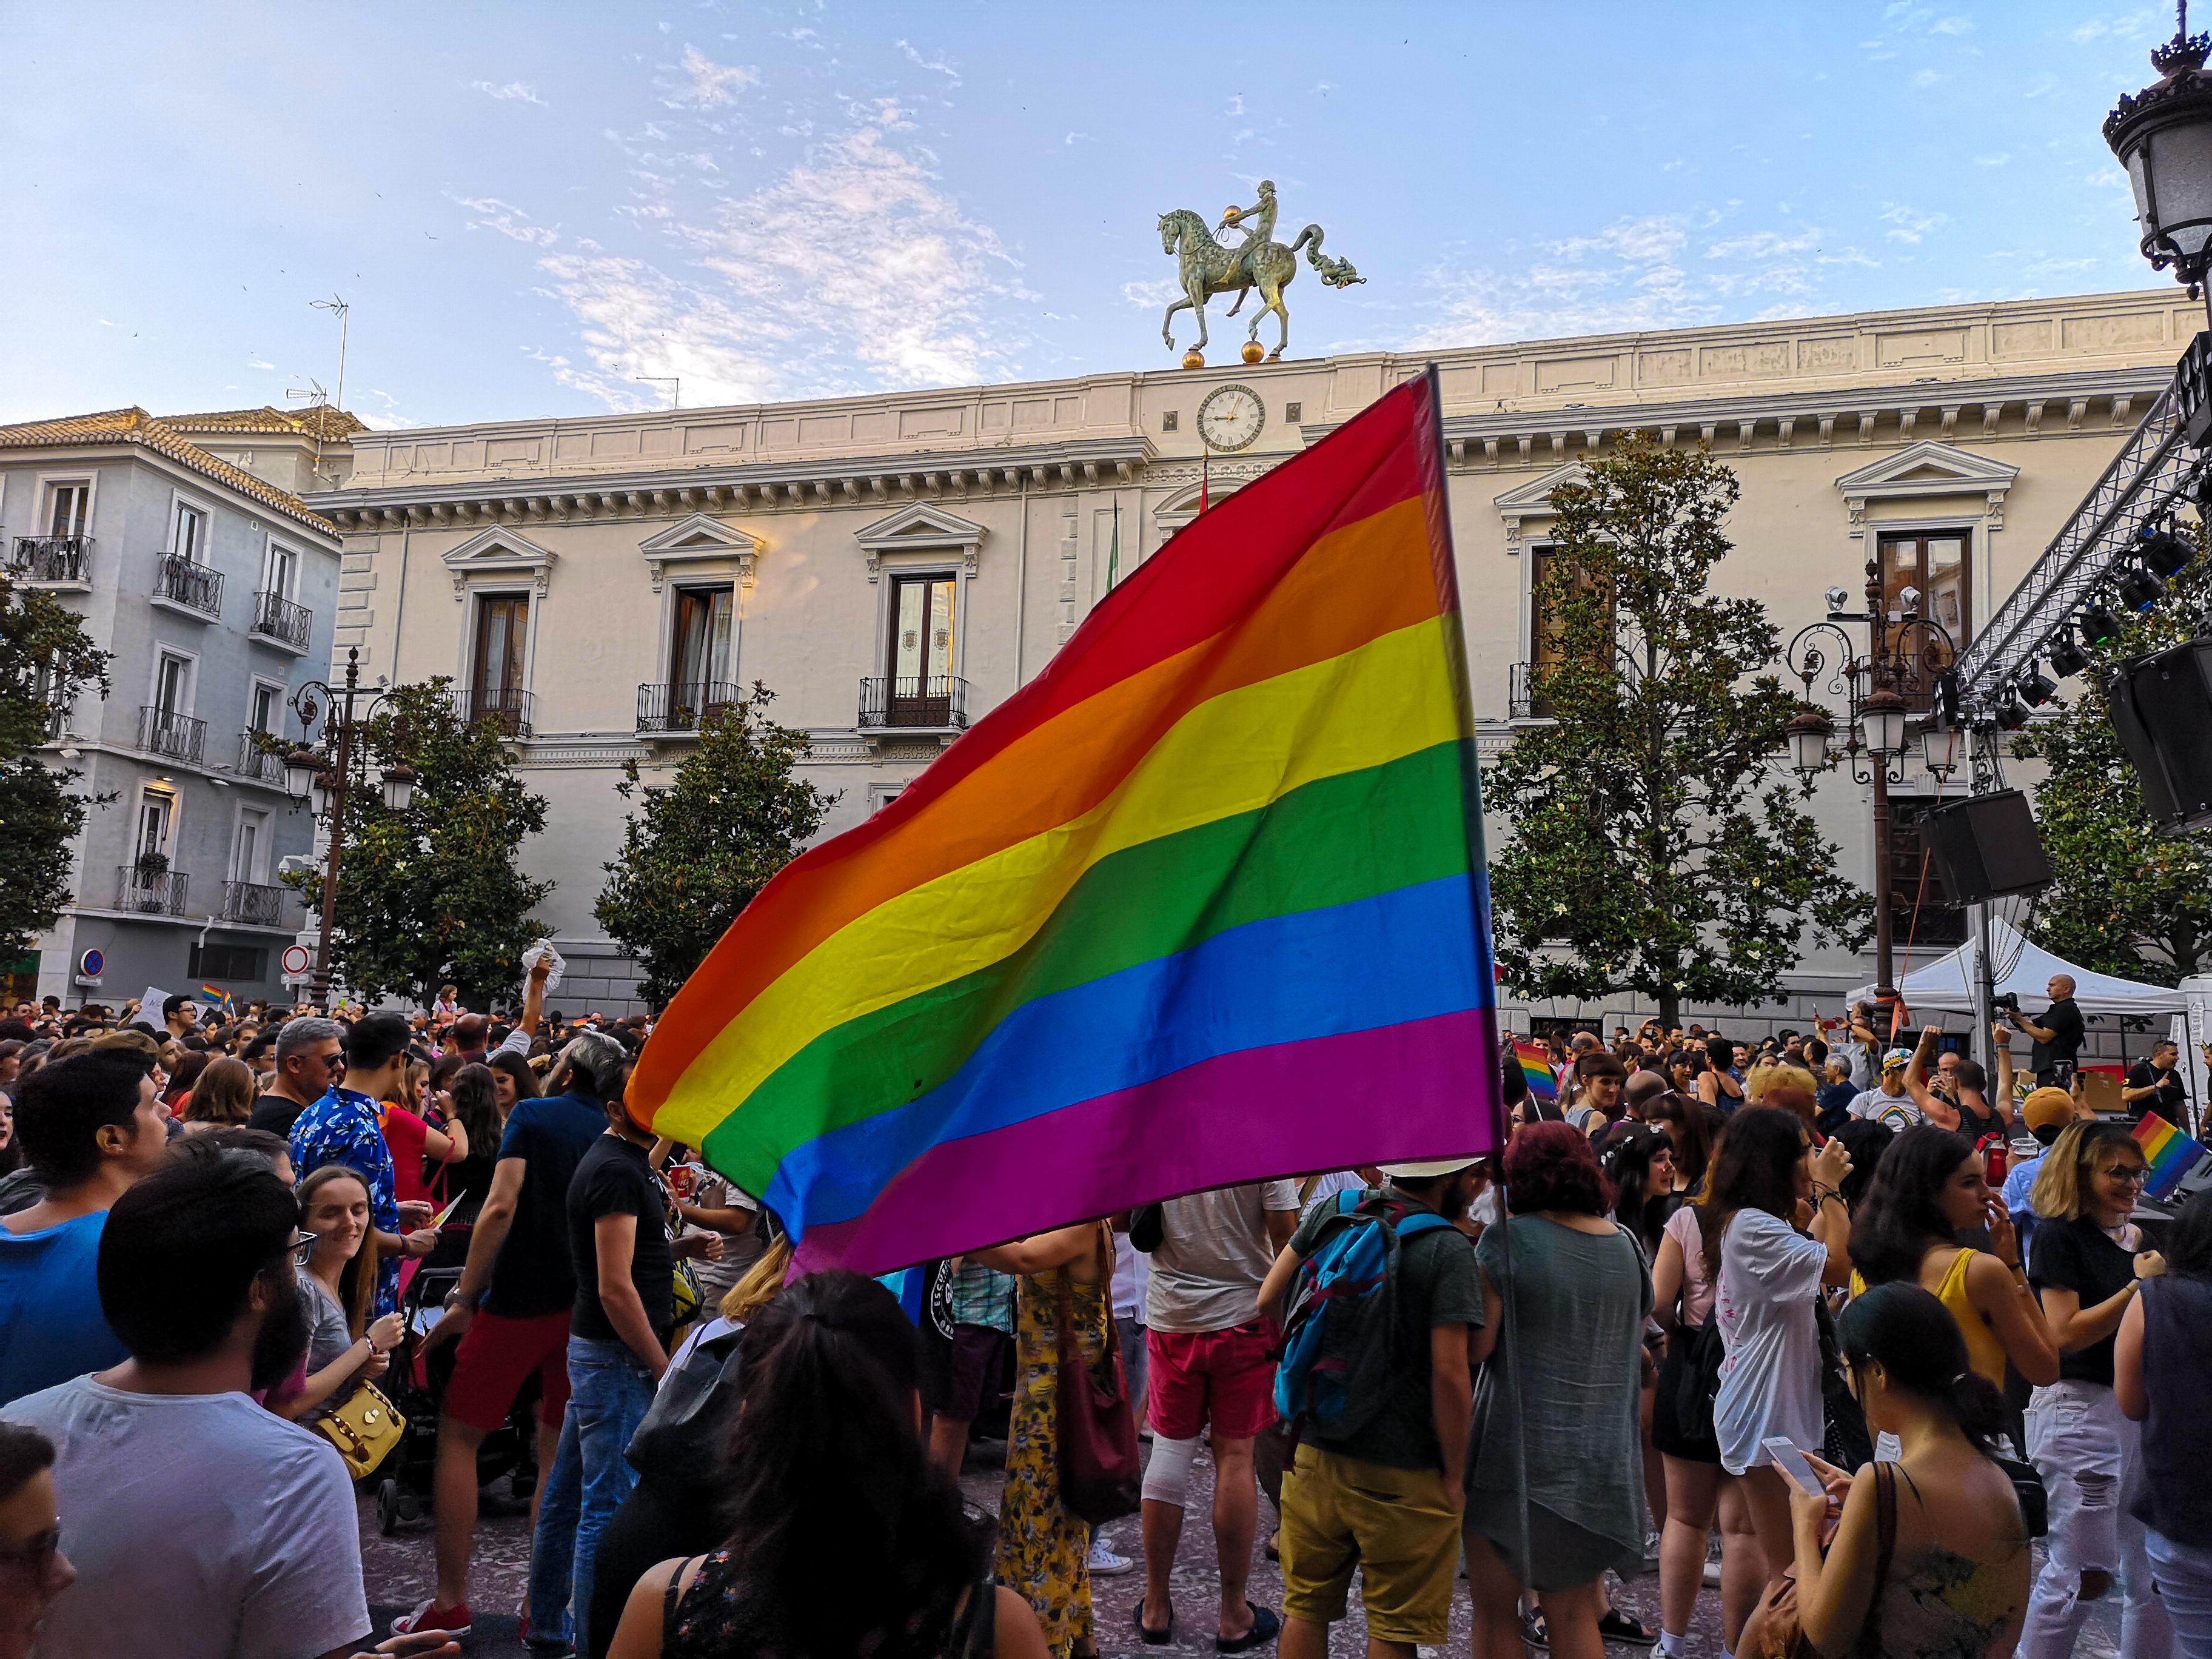 El Orgullo recuerda a los mayores en su tercer año consecutivo en Granada